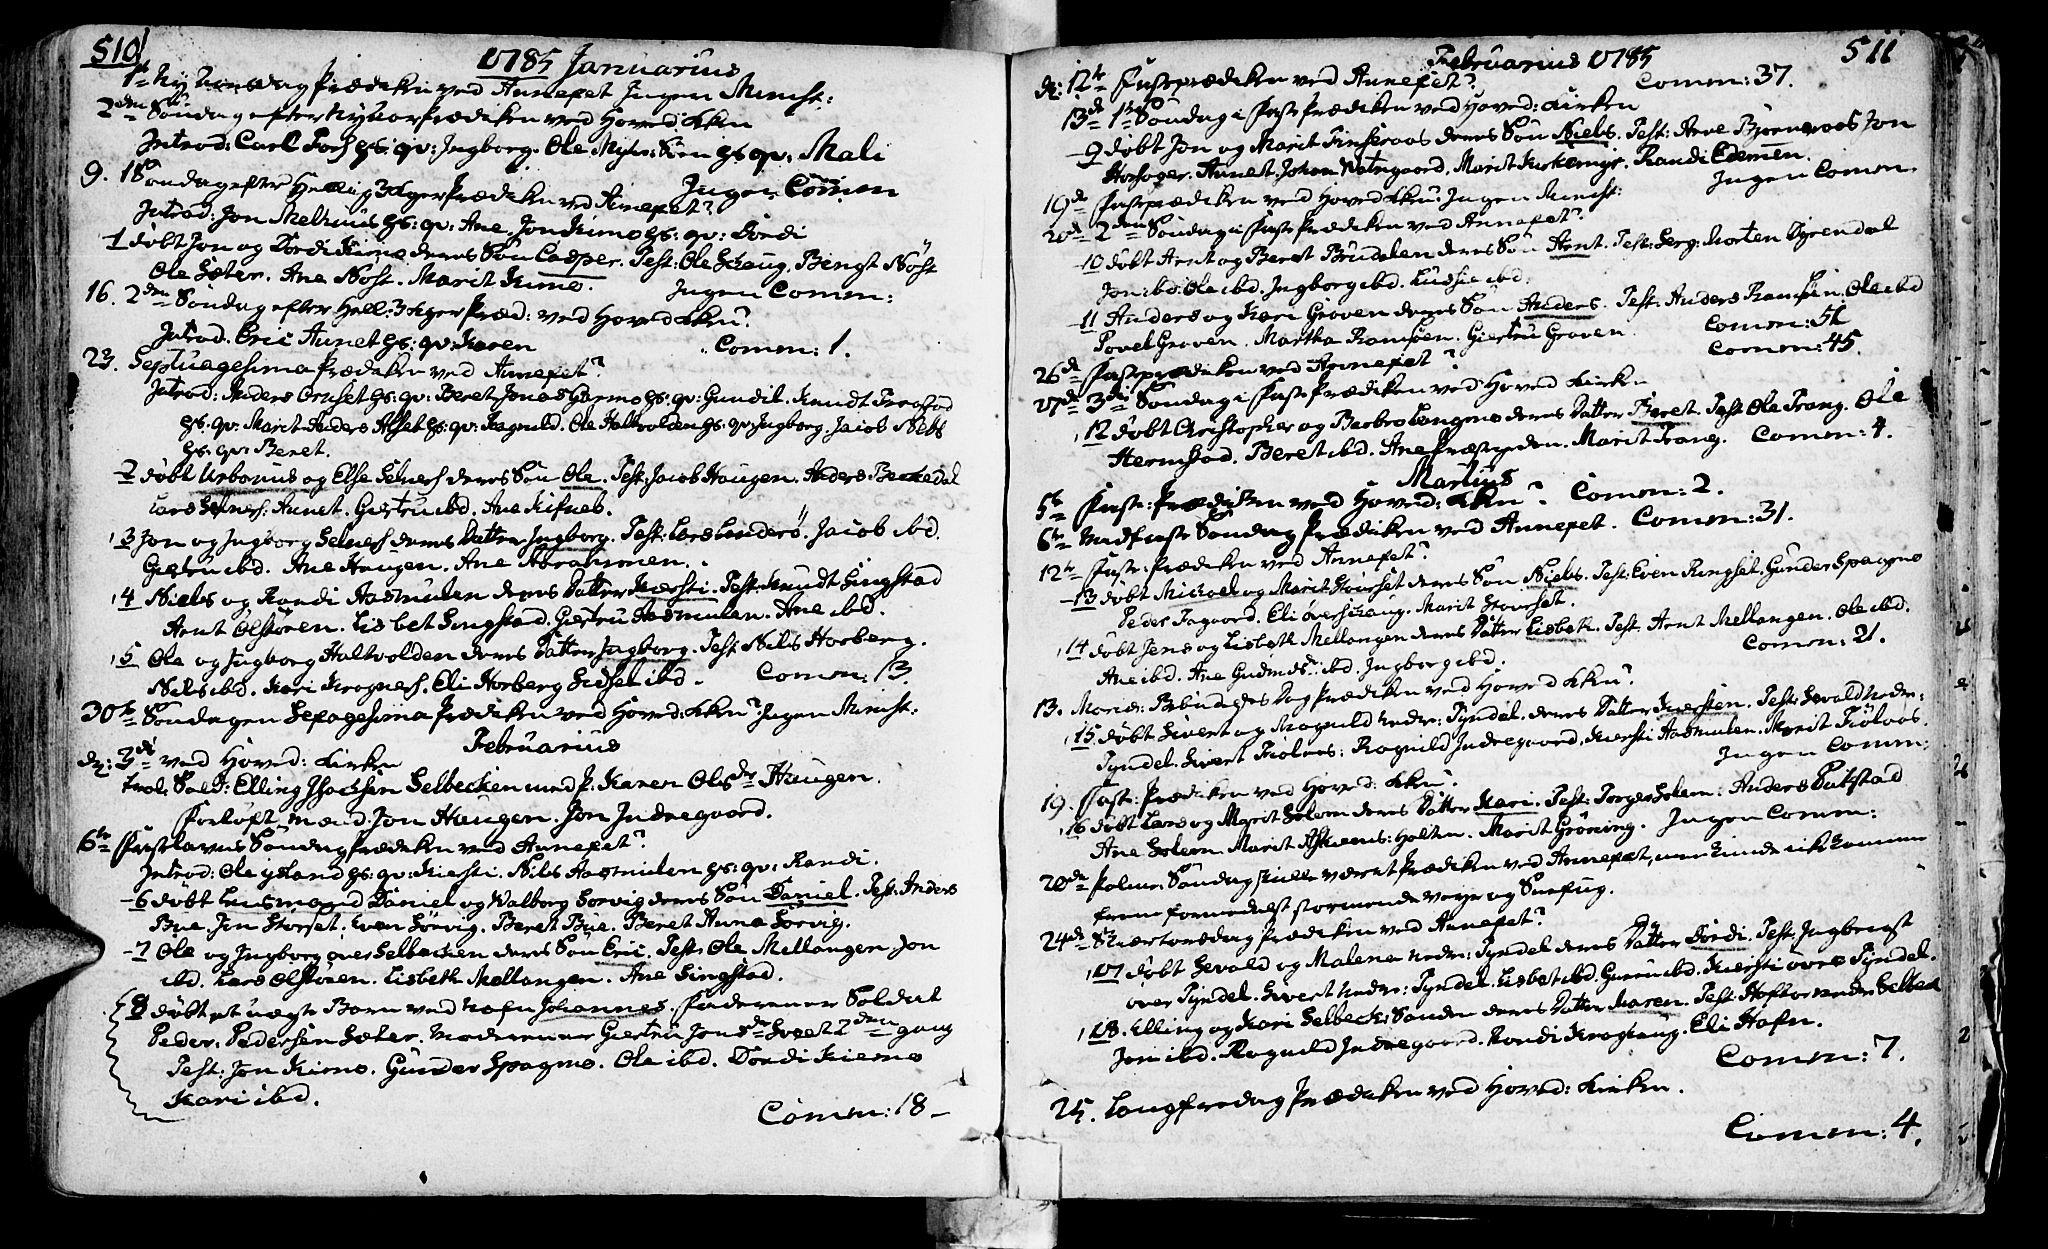 SAT, Ministerialprotokoller, klokkerbøker og fødselsregistre - Sør-Trøndelag, 646/L0605: Ministerialbok nr. 646A03, 1751-1790, s. 510-511